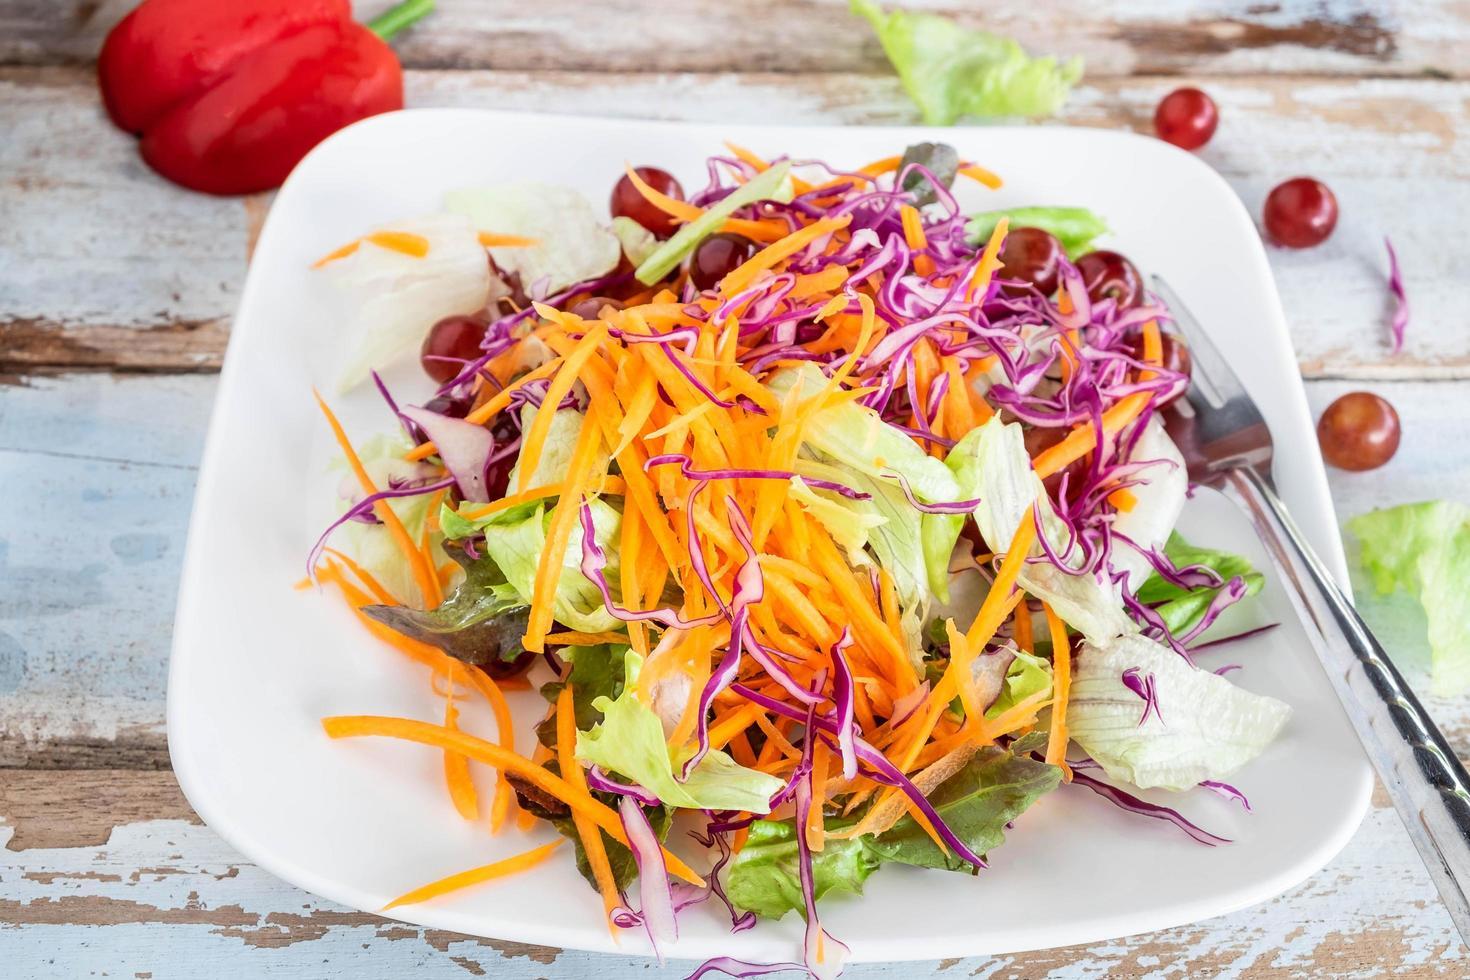 salade de légumes sur table en bois photo